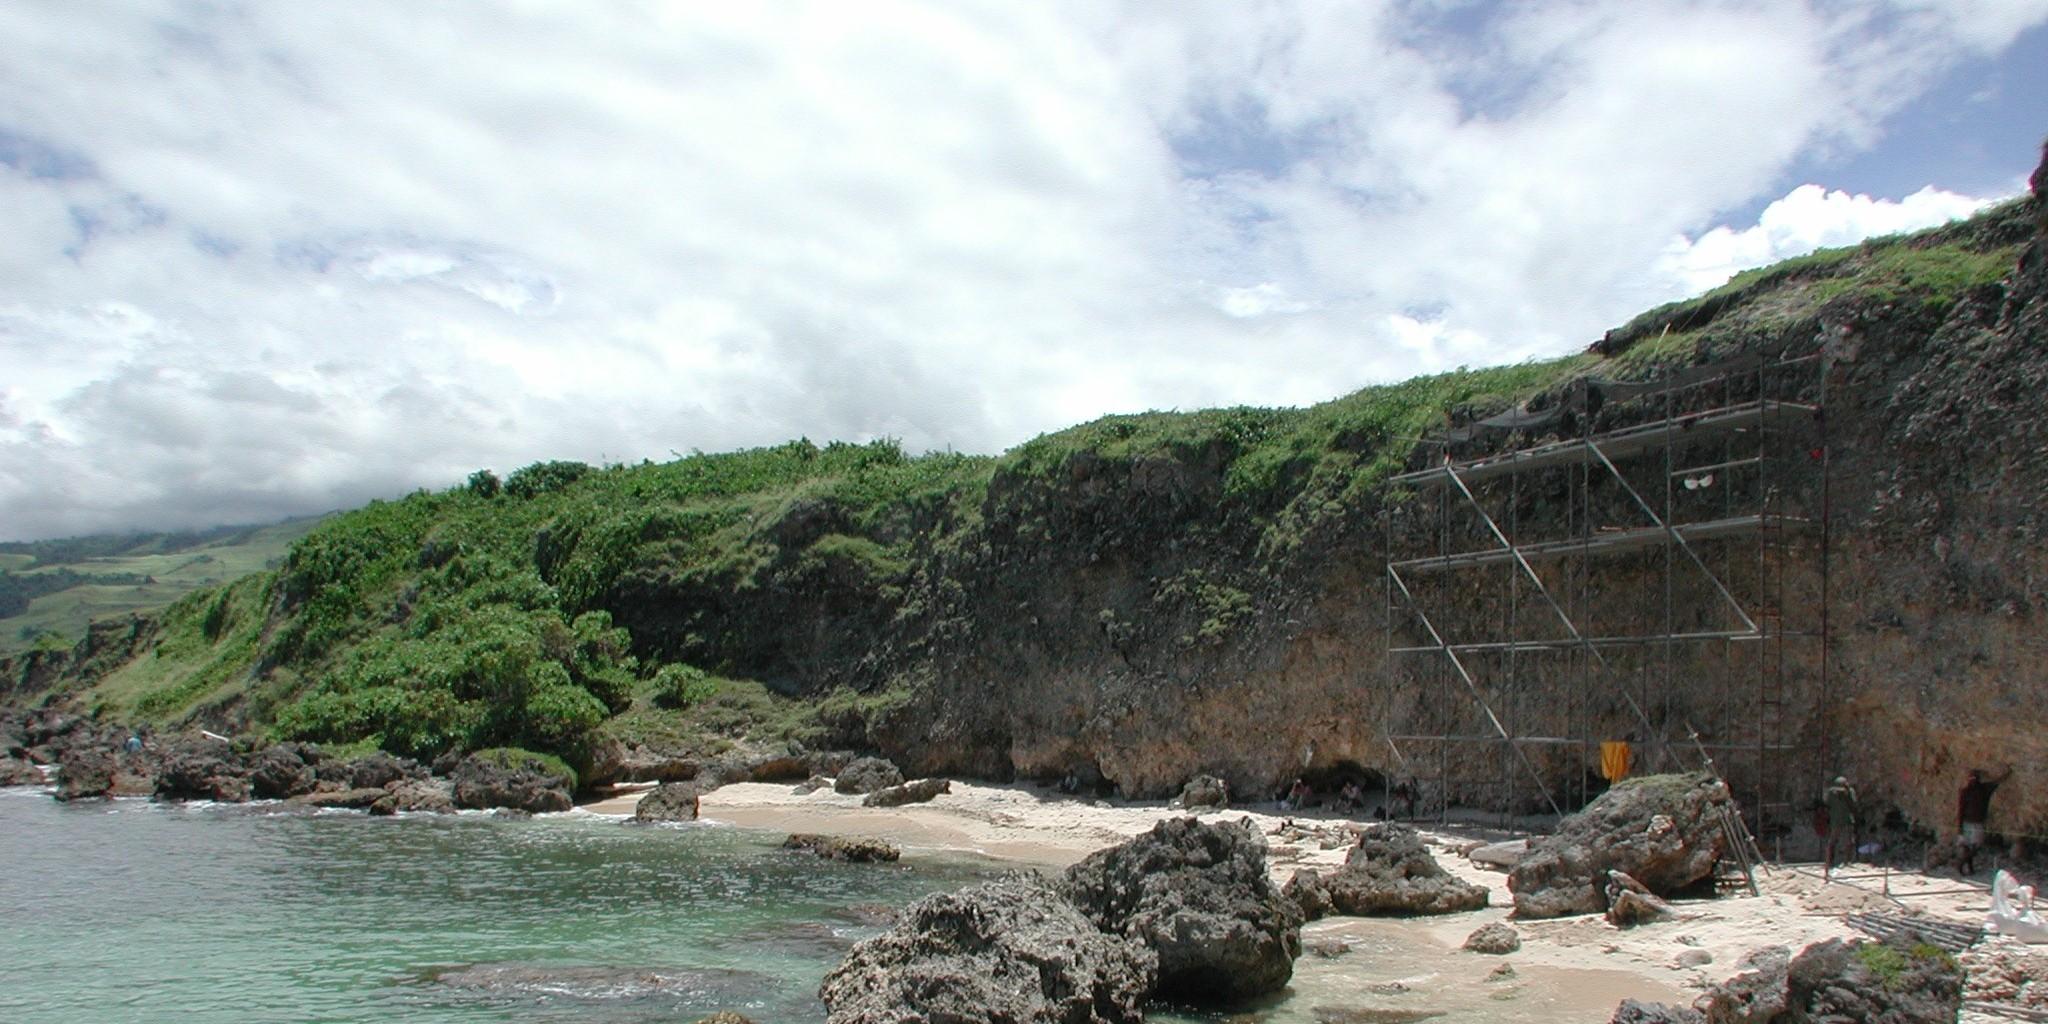 Fossiilinen koralliriutta